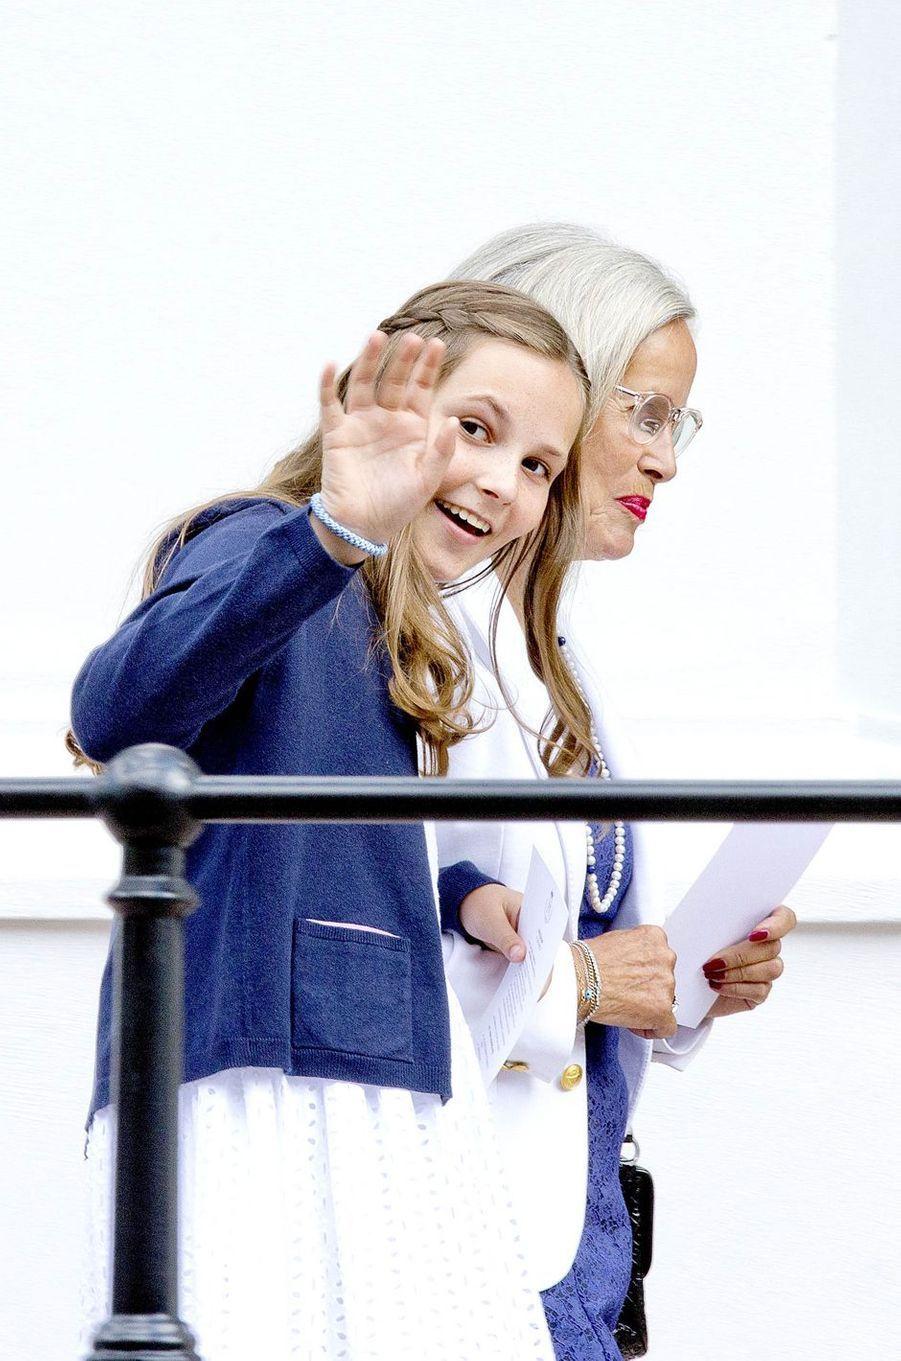 La princesse Ingrid Alexandra de Norvège et sa grand-mère maternelle à Oslo, le 4 juillet 2017